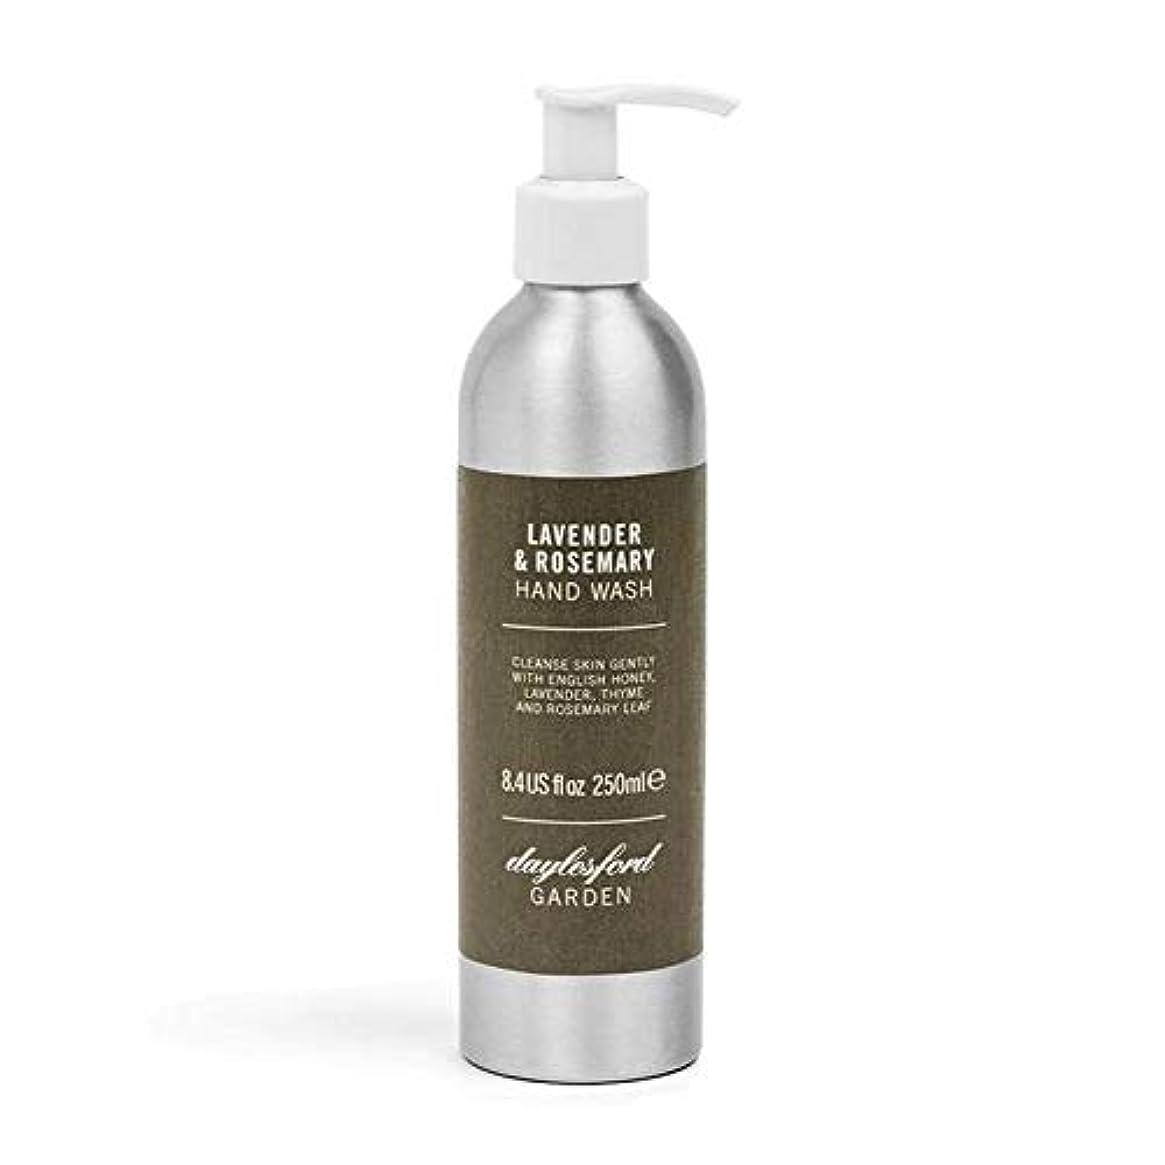 保有者放射性レッドデート[Daylesford ] デイルスフォードの天然ローズマリー&ラベンダーのハンドウォッシュ250ミリリットル - Daylesford Natural Rosemary & Lavender Hand Wash 250ml...